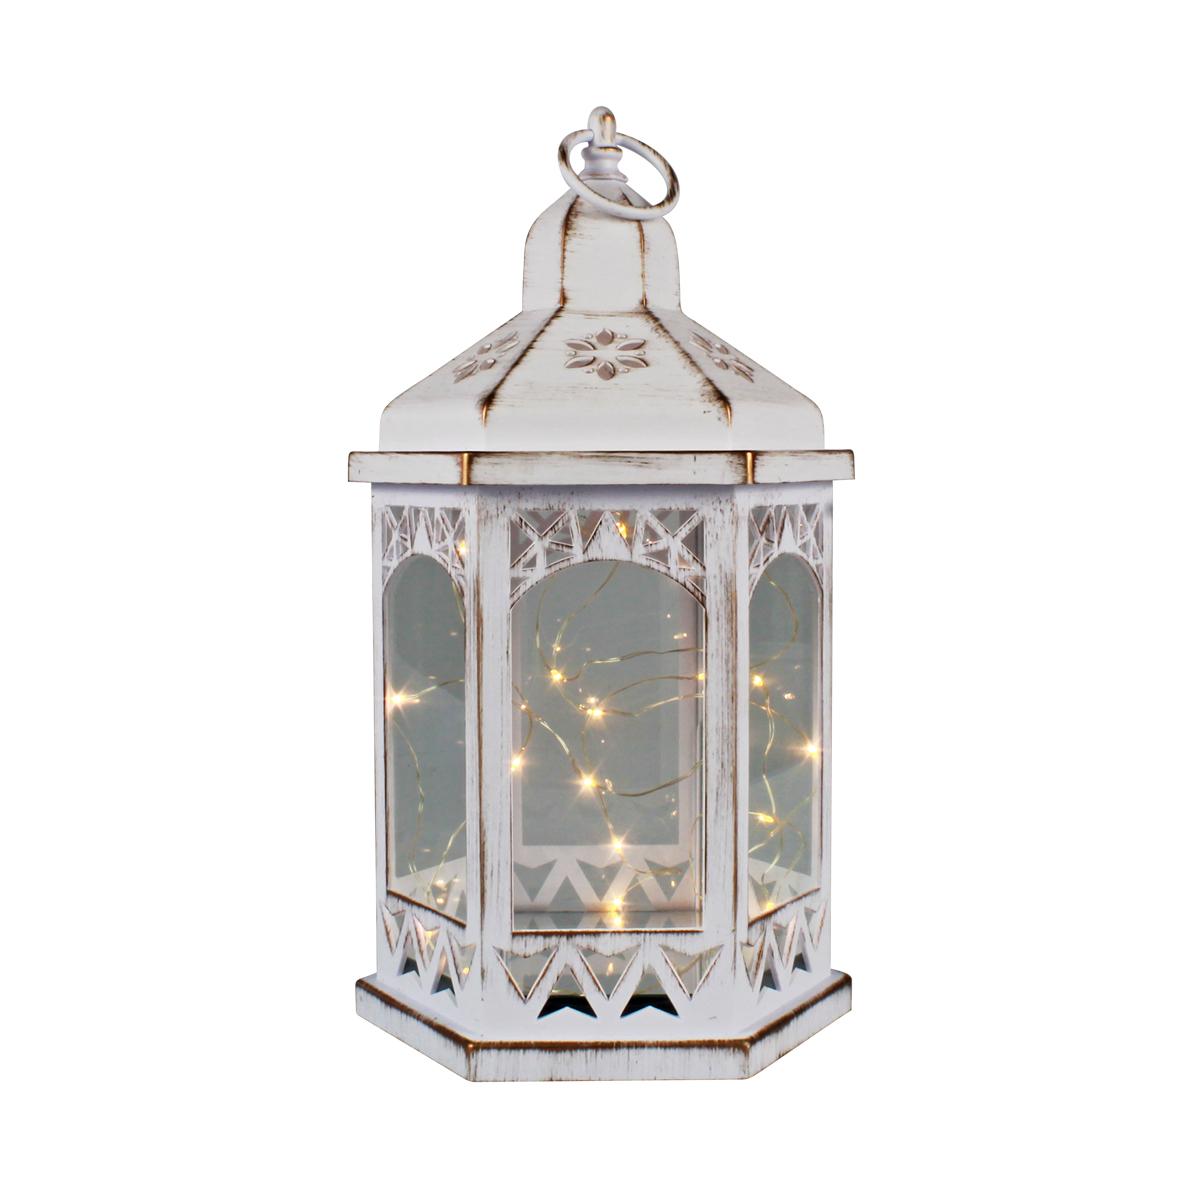 Lanterna Marroquina Decorativa LED Mod. Vazado Branco Envelhecido